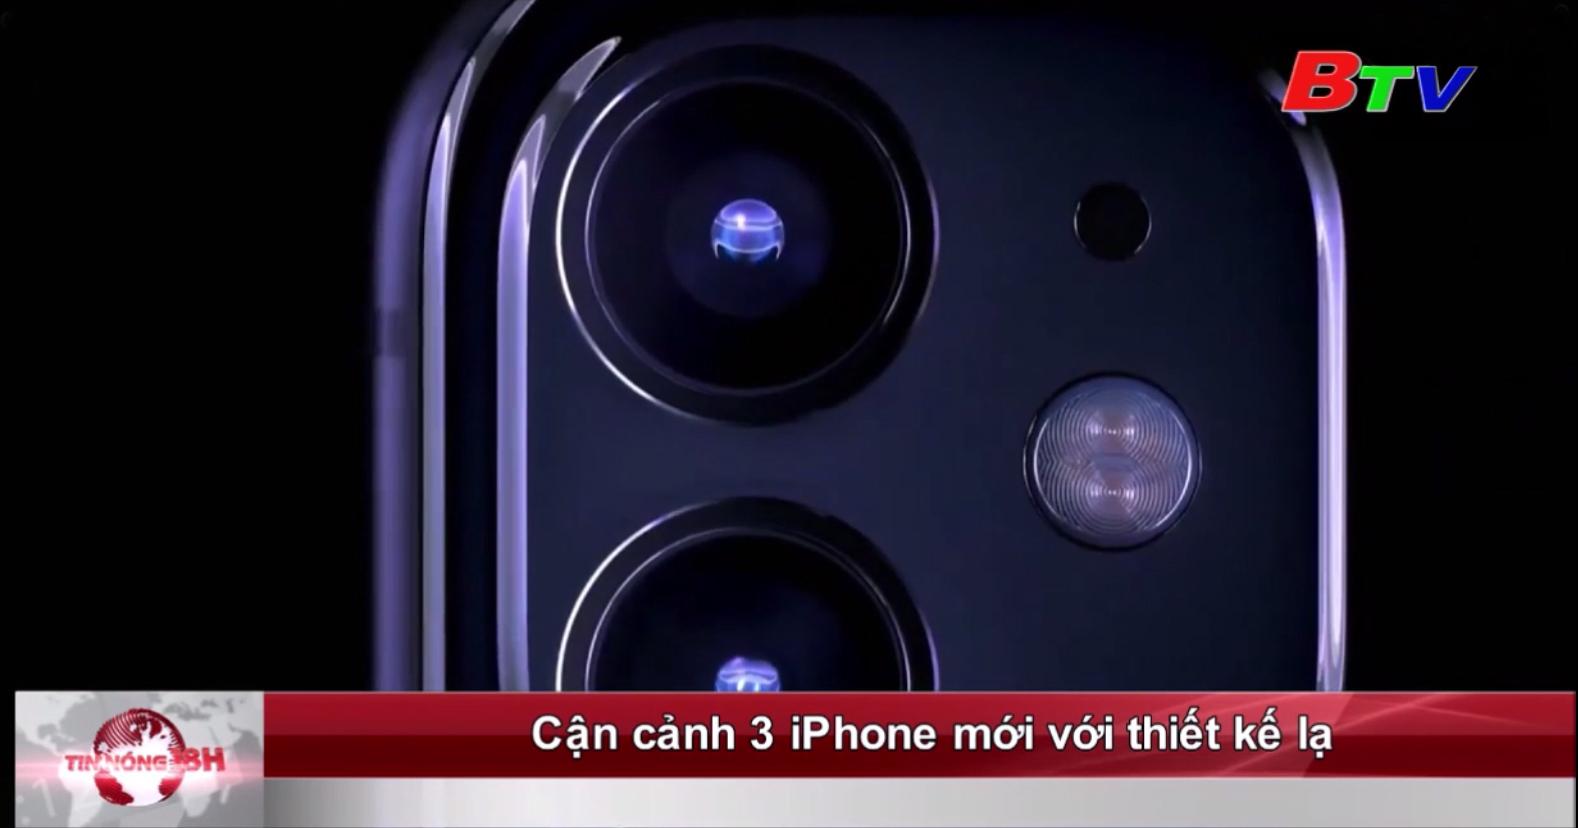 Cận cảnh 3 iPhone mới với thiết kế lạ